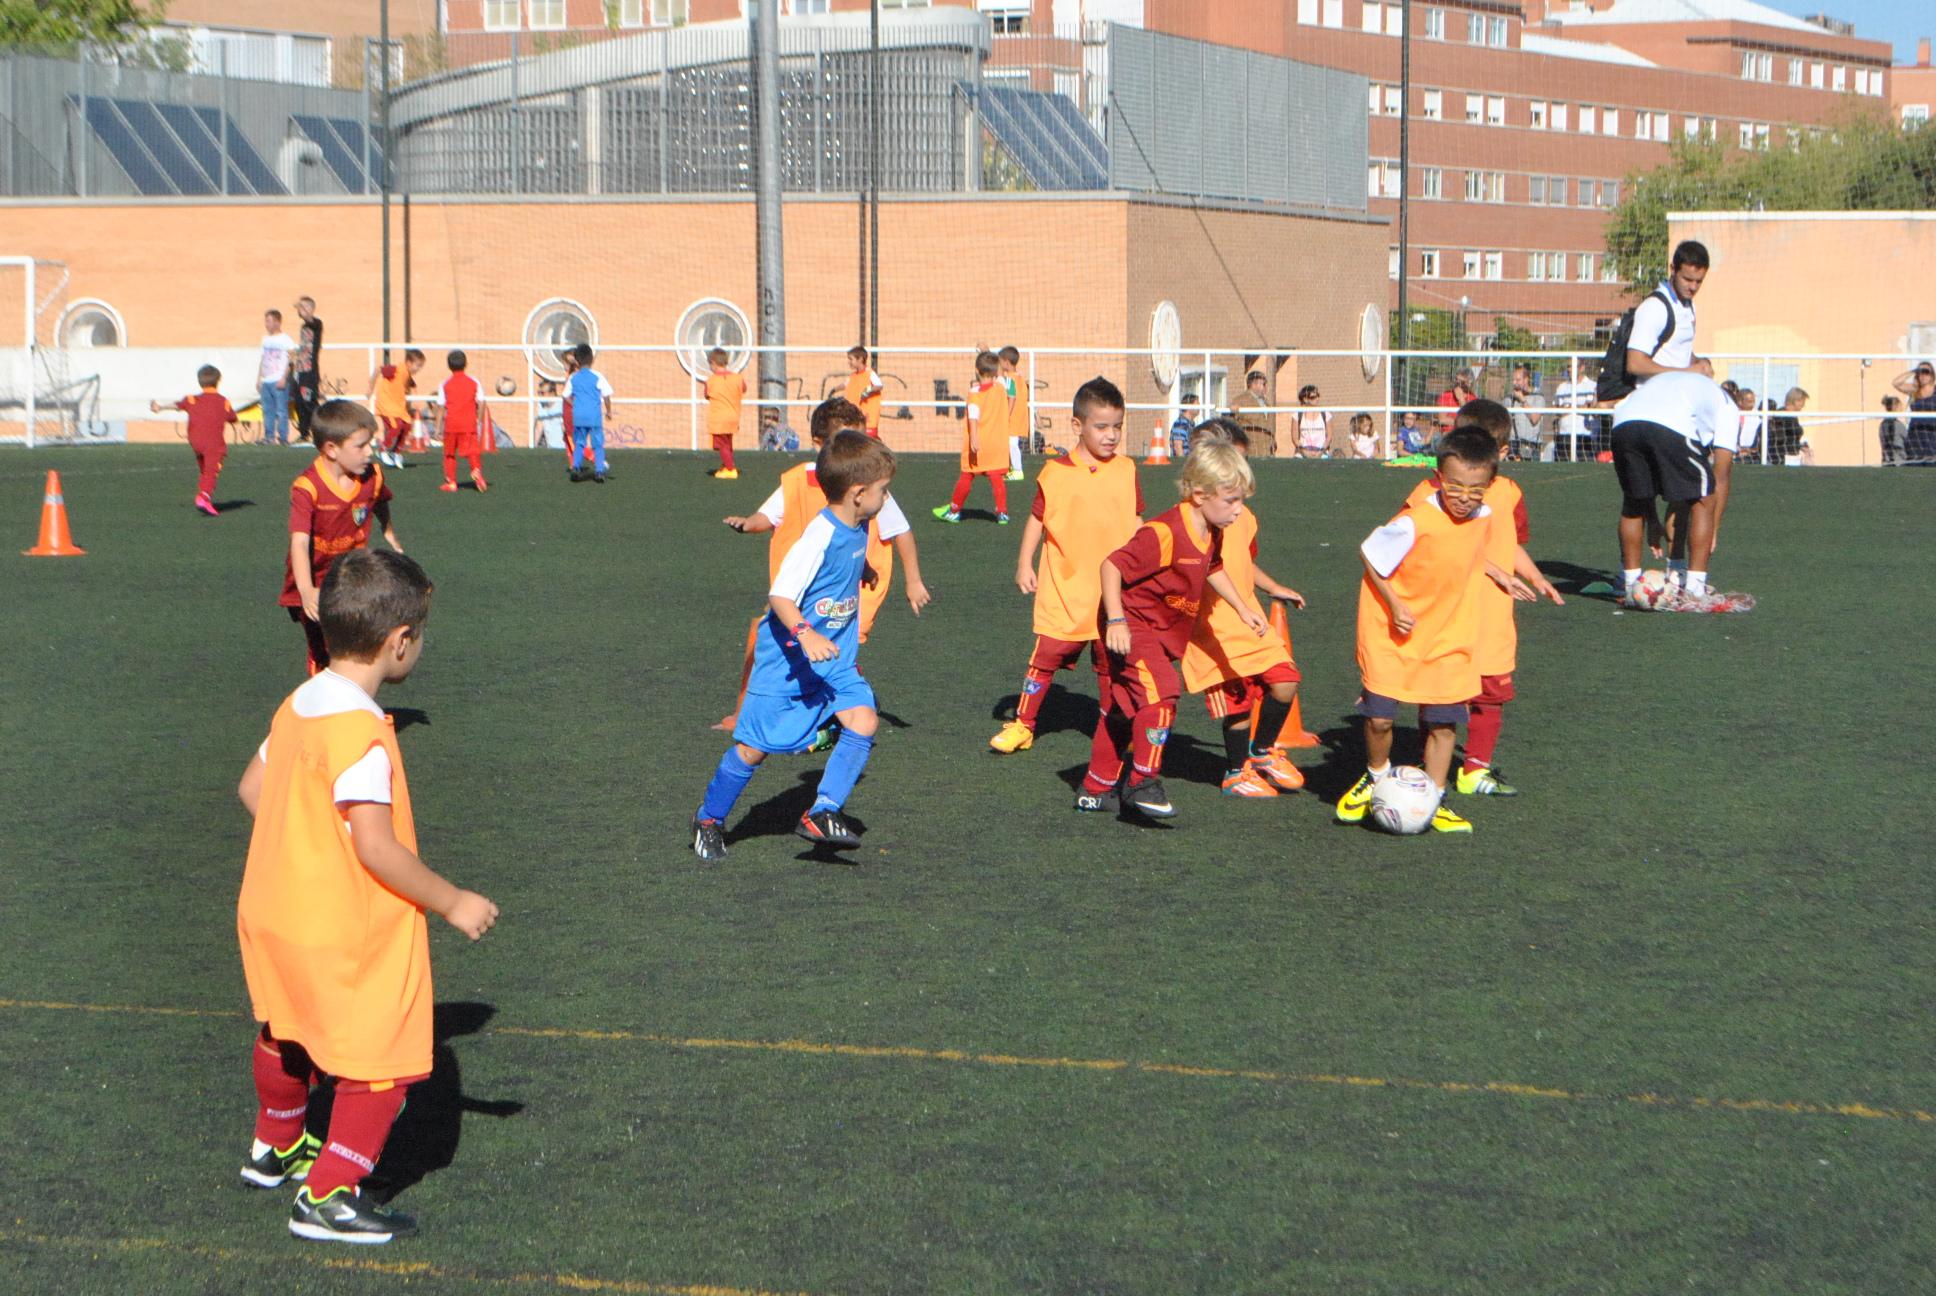 ¡El Polideportivo Lili Álvarez tendrá césped nuevo en su campo de fútbol!